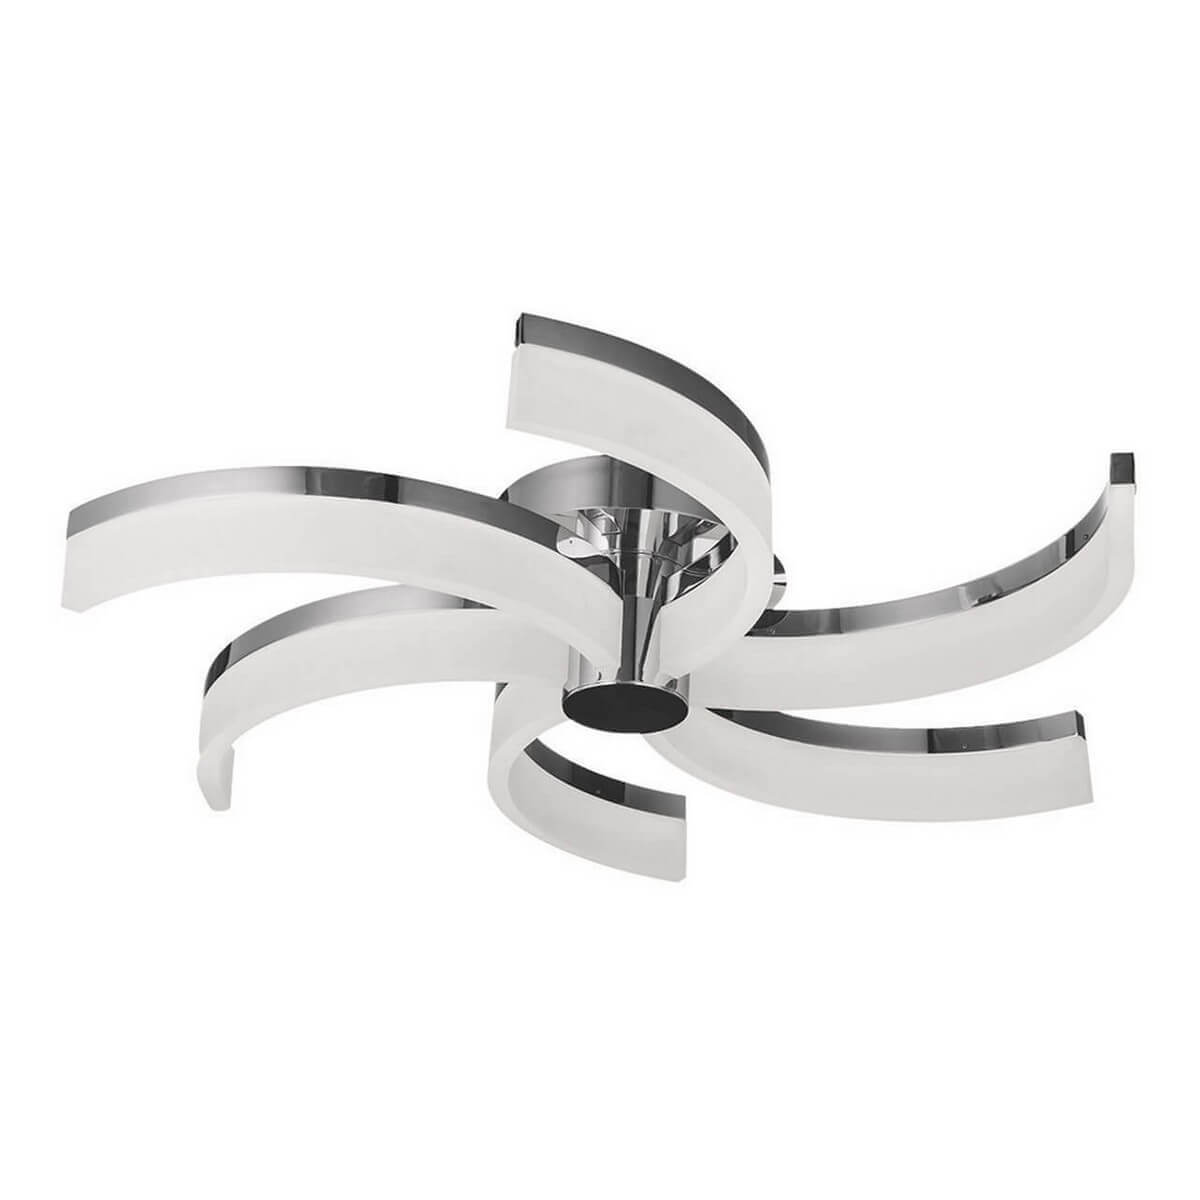 Потолочная светодиодная люстра Kink Light Фейерверк 08008 цены